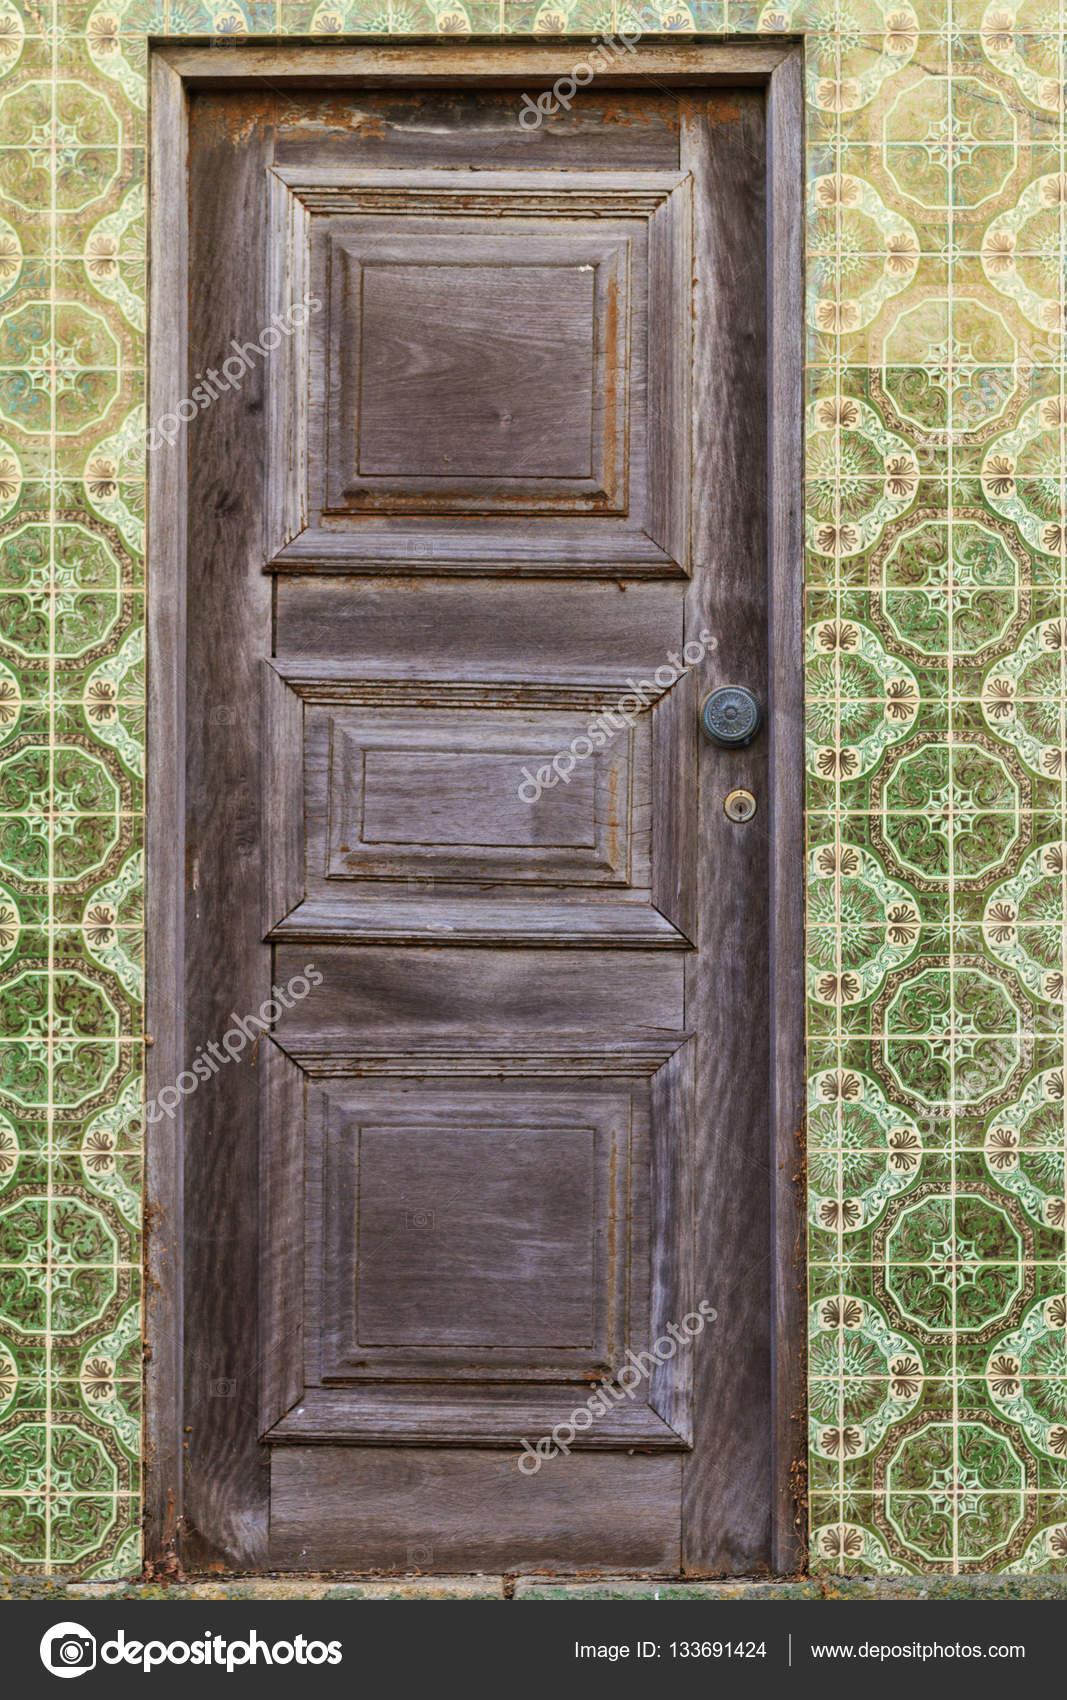 Antique wooden doors and tile color — Stock Photo - Antique Wooden Doors And Tile Color — Stock Photo © Drakuliren